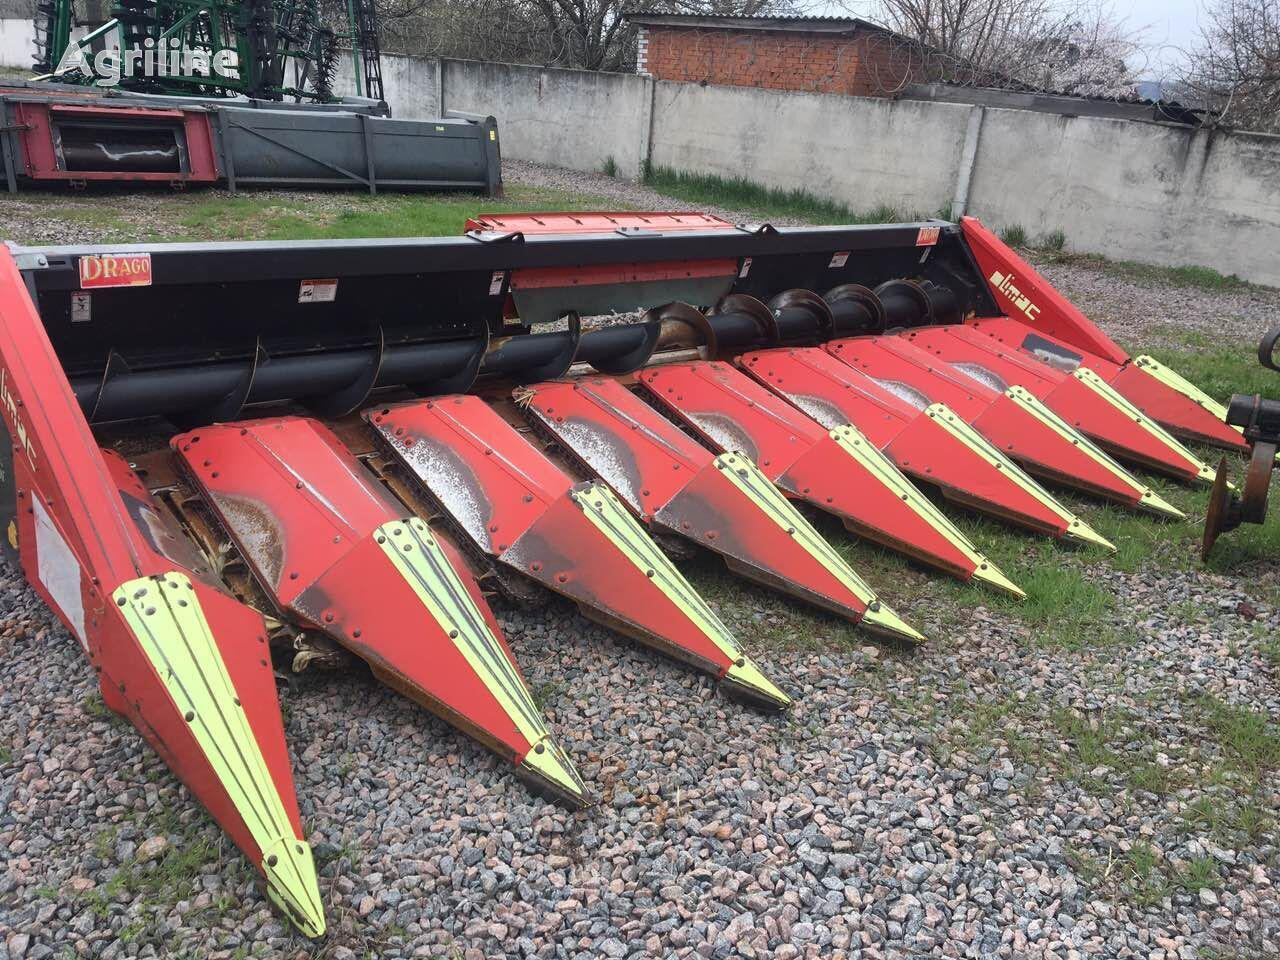 жатка кукурузная OLIMAC DRAGO 8 кукурузная жатка Олимак Драго 8 рядов в наличии в Украин